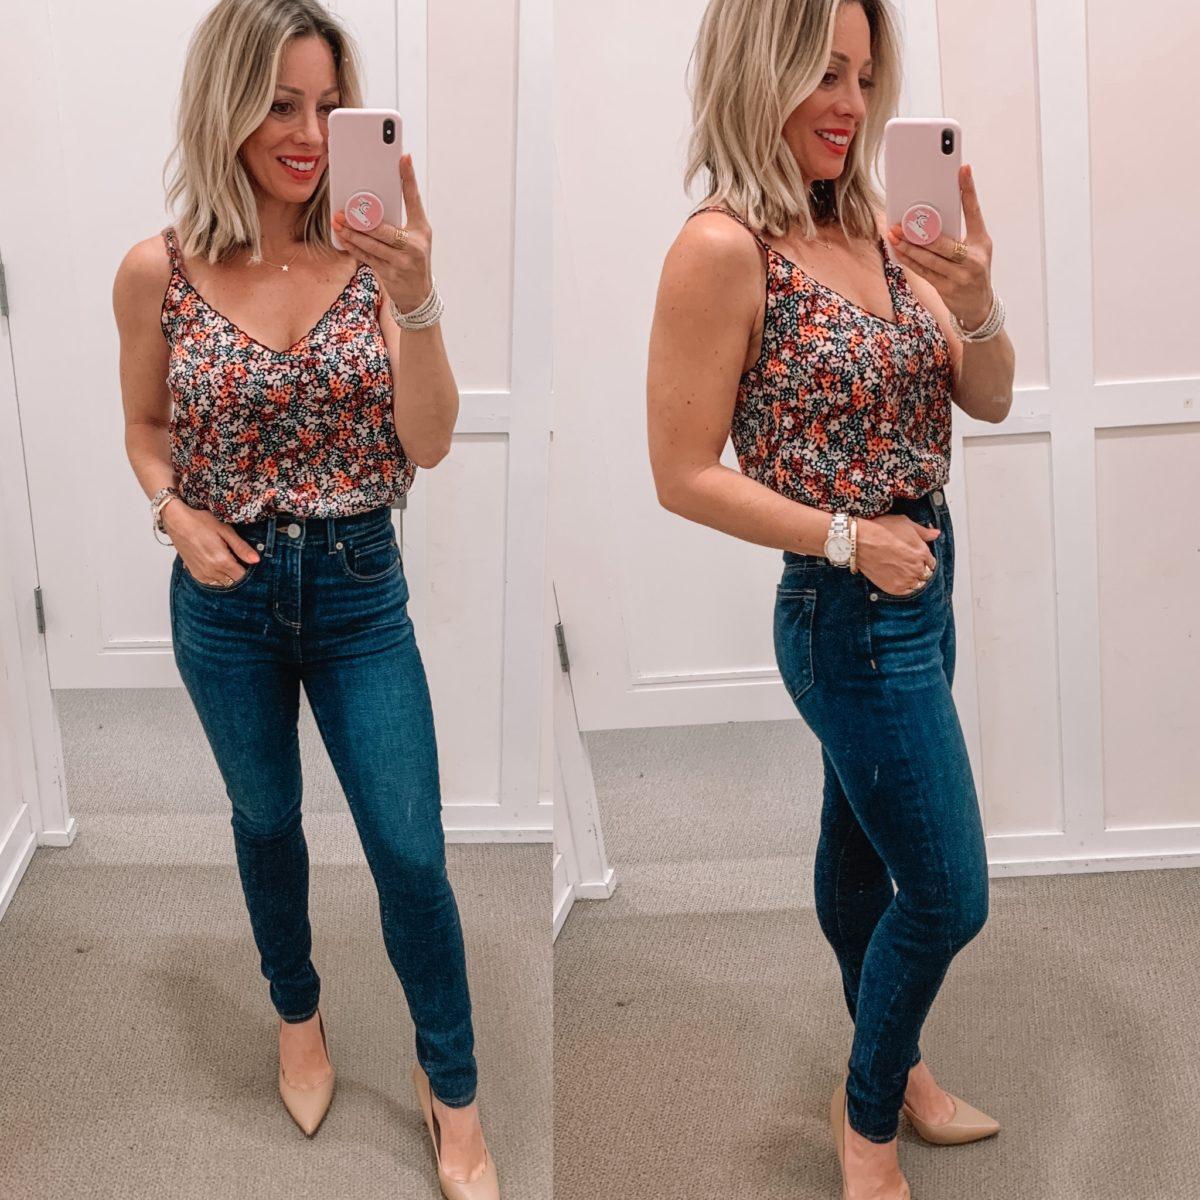 Floral Tank, Skinny Jeans, Nude Heels